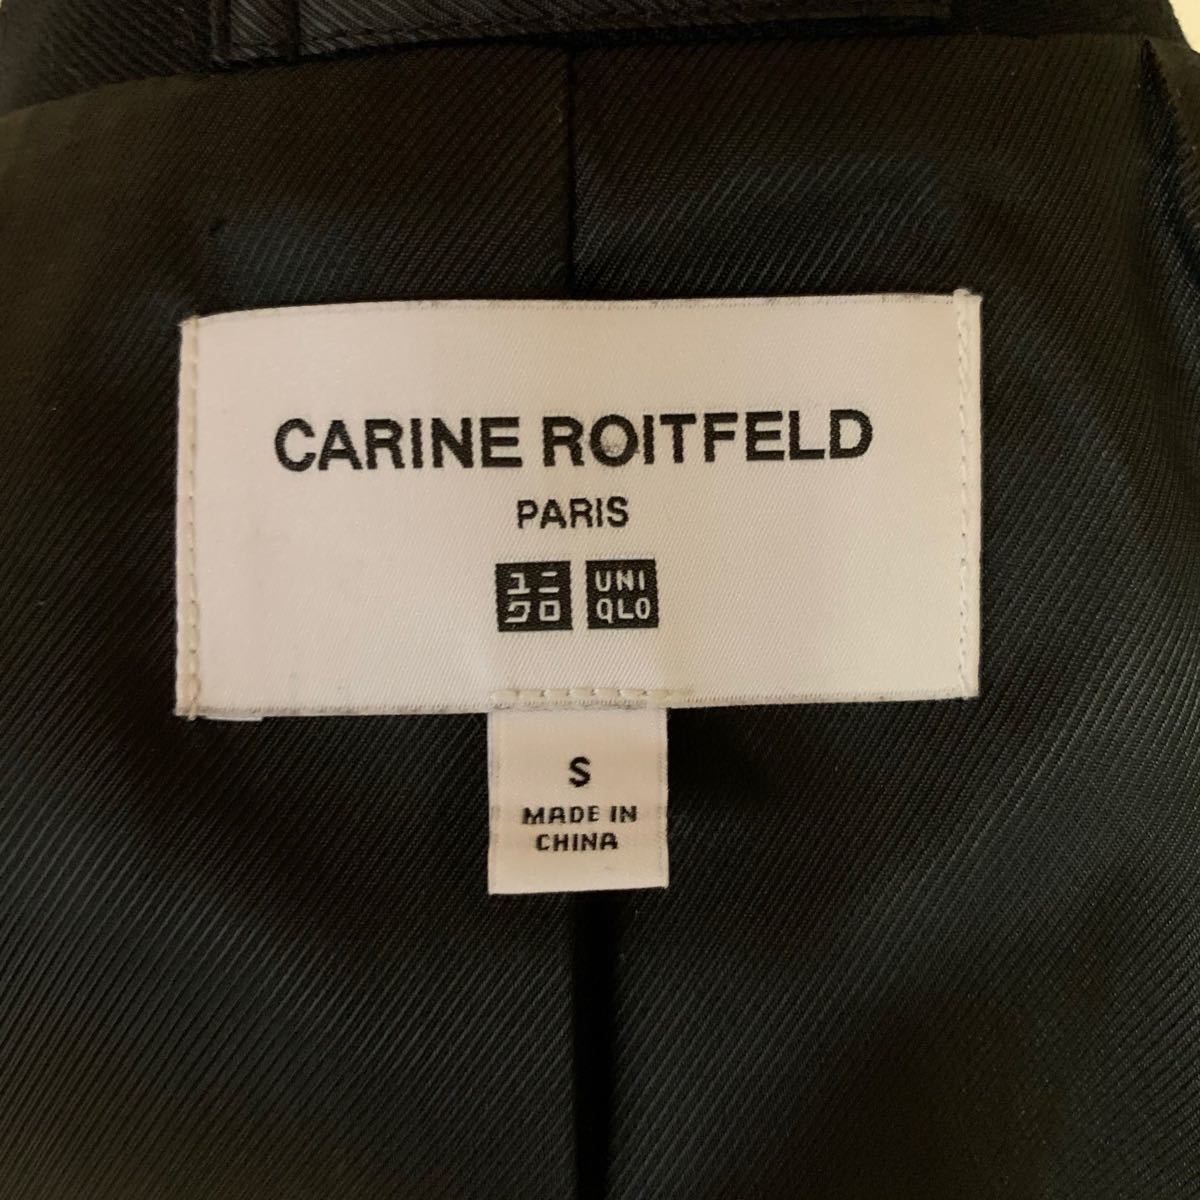 黒 ジャケット 上着 ユニクロ UNIQLO CARINE ROITFELD  テーラードジャケット カリーヌ ロワトフェルド